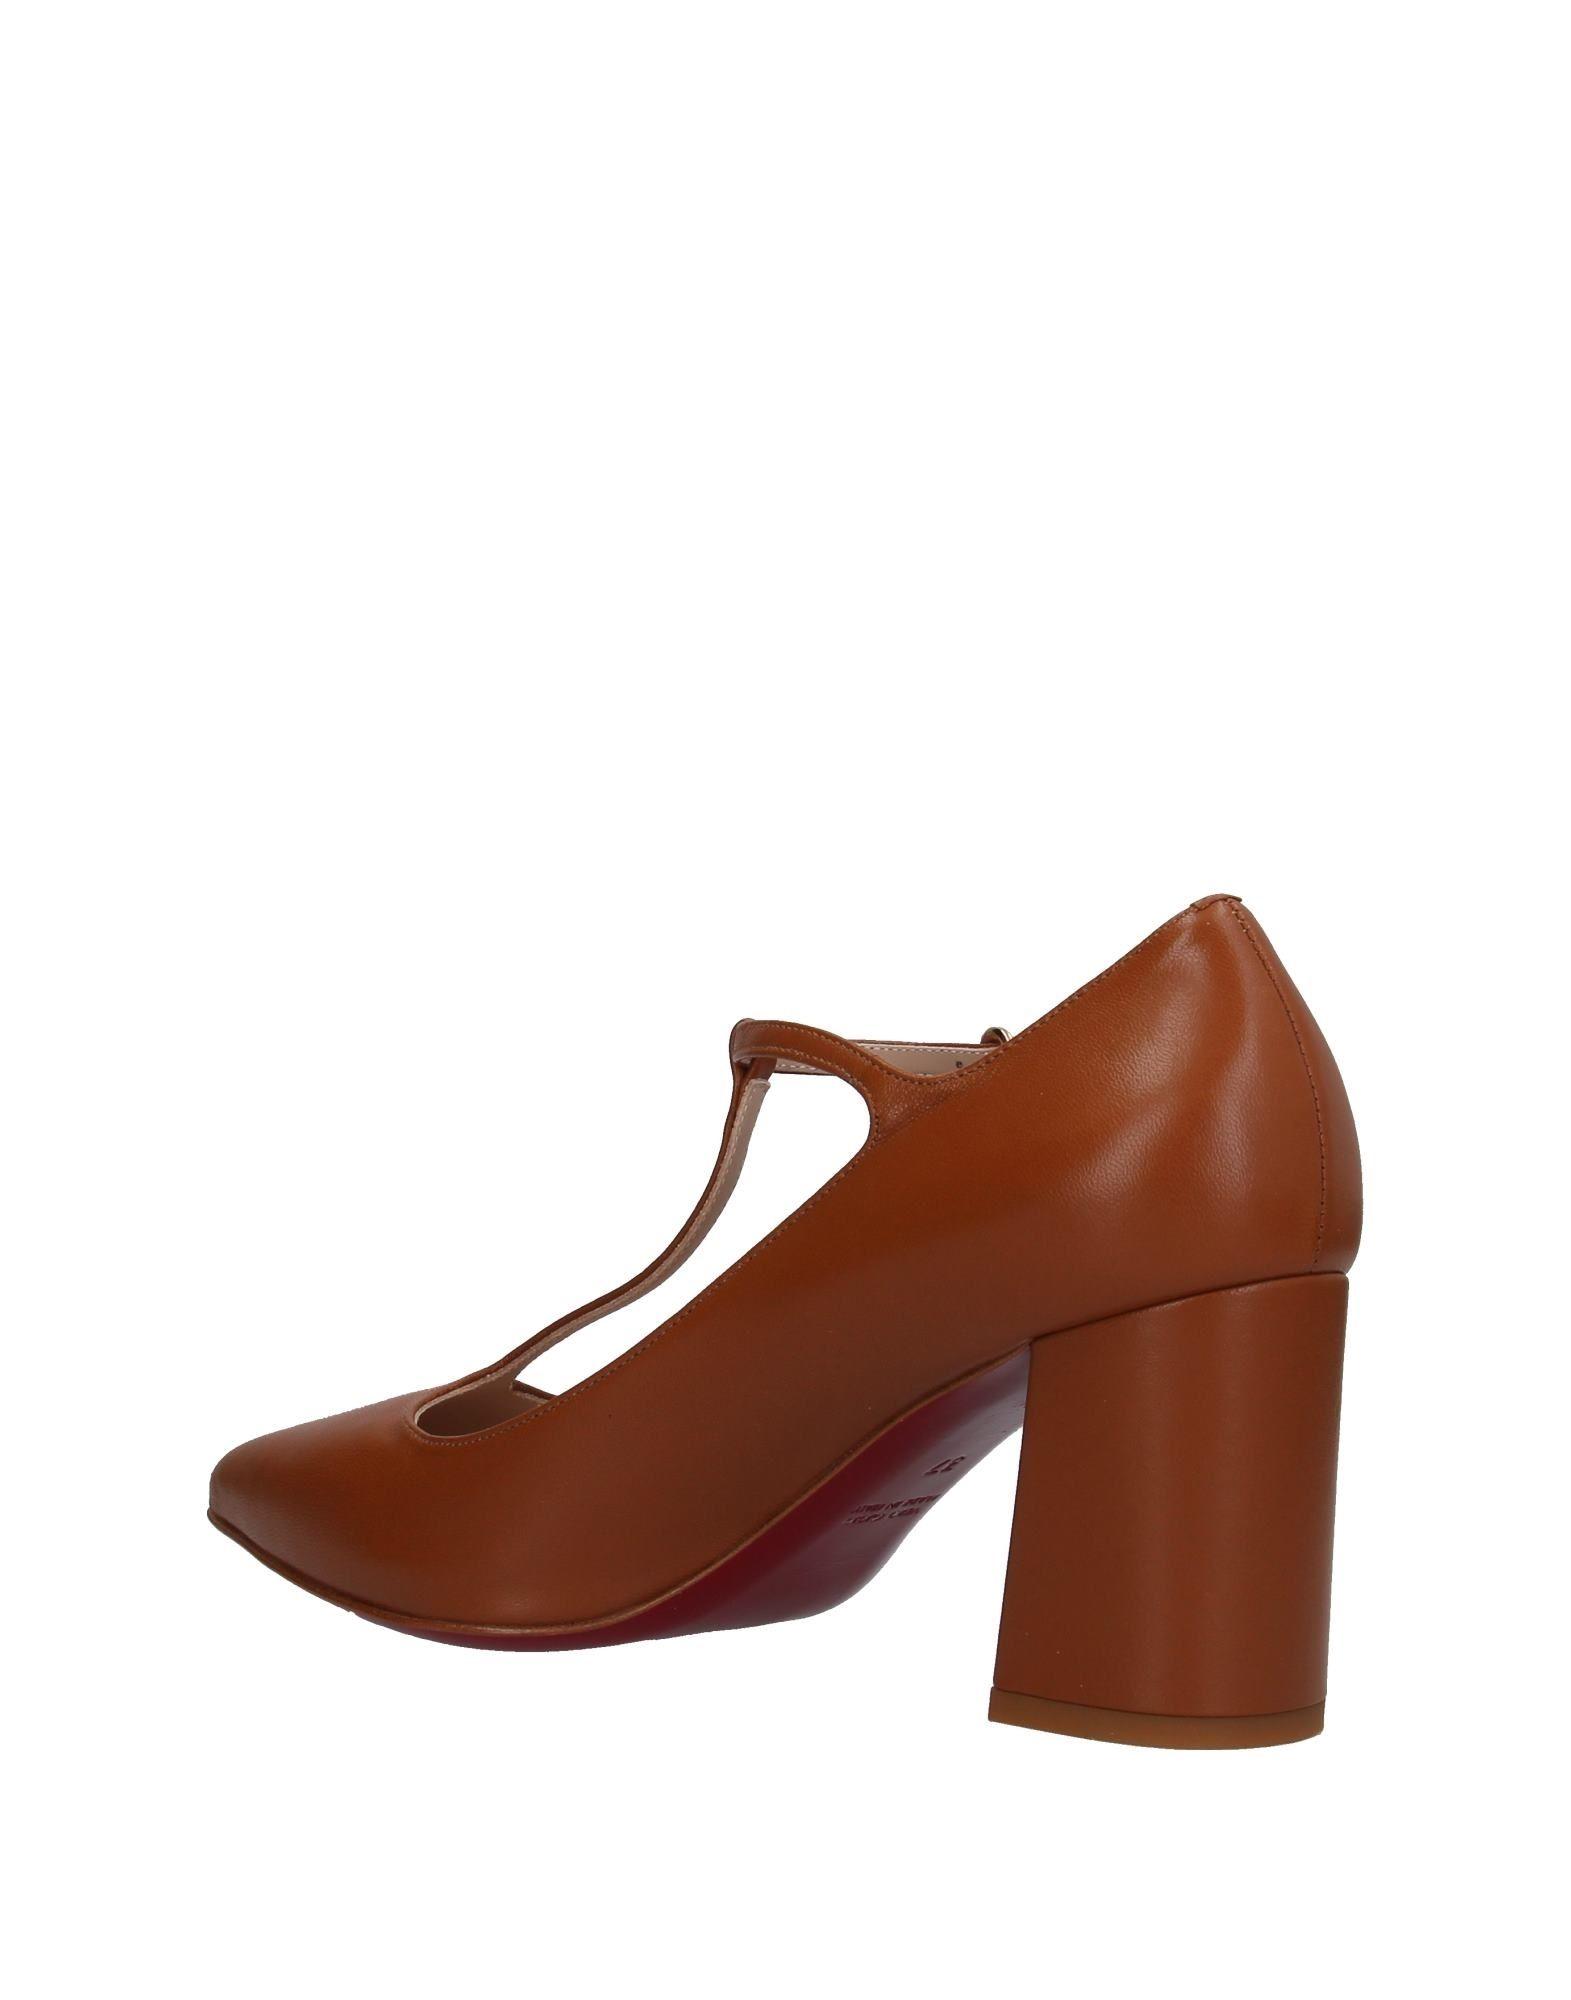 Escarpins Couture Femme - Escarpins Couture sur